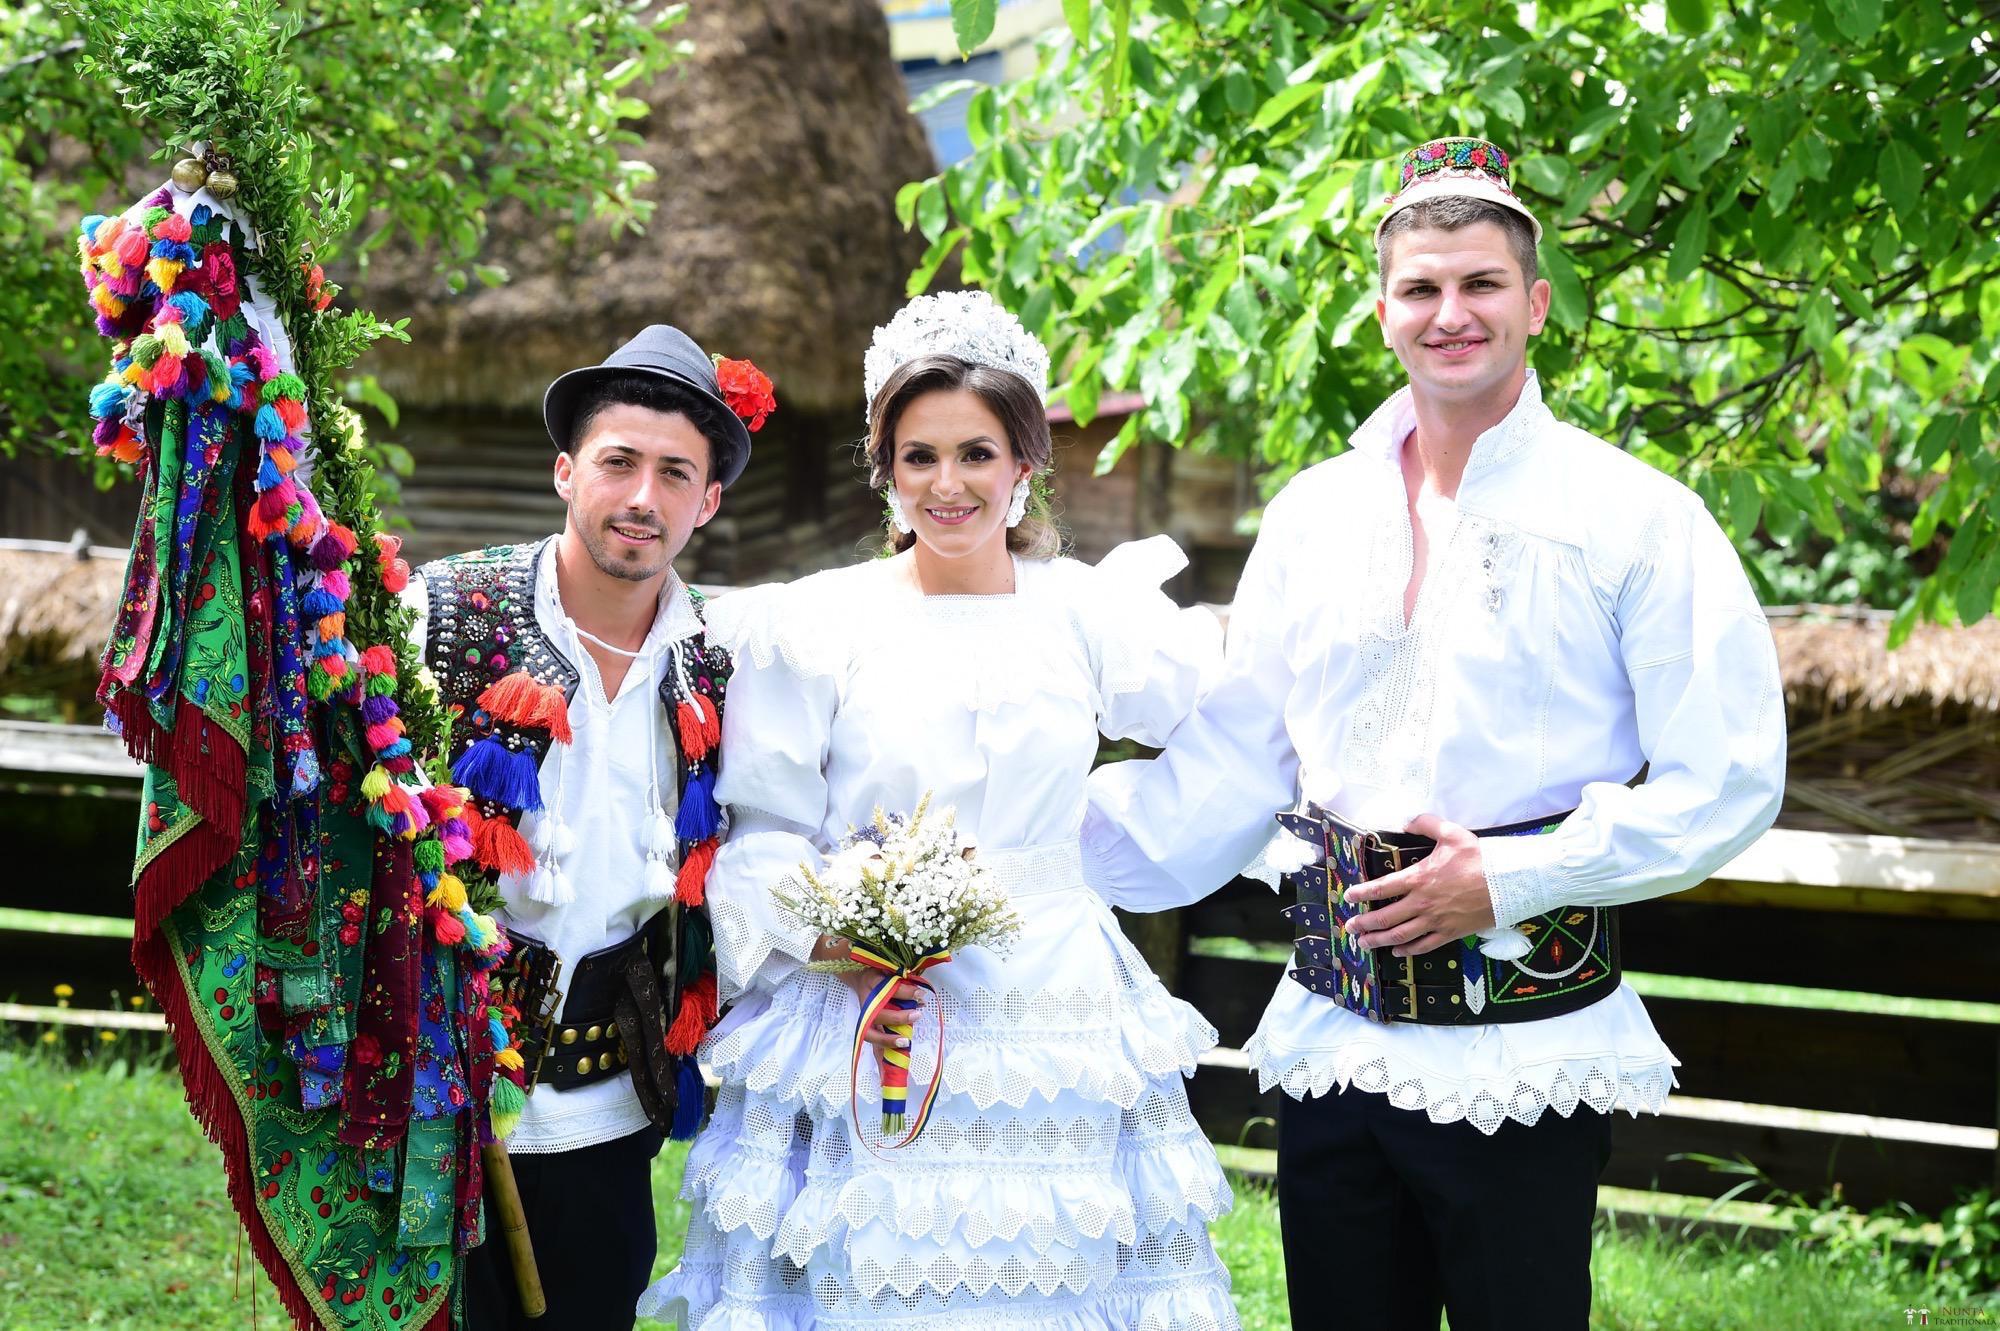 Povești Nunți Tradiționale - Florentina Vlad și Lemnean Ionuț. Cununie tradițională în Baia Mare 3